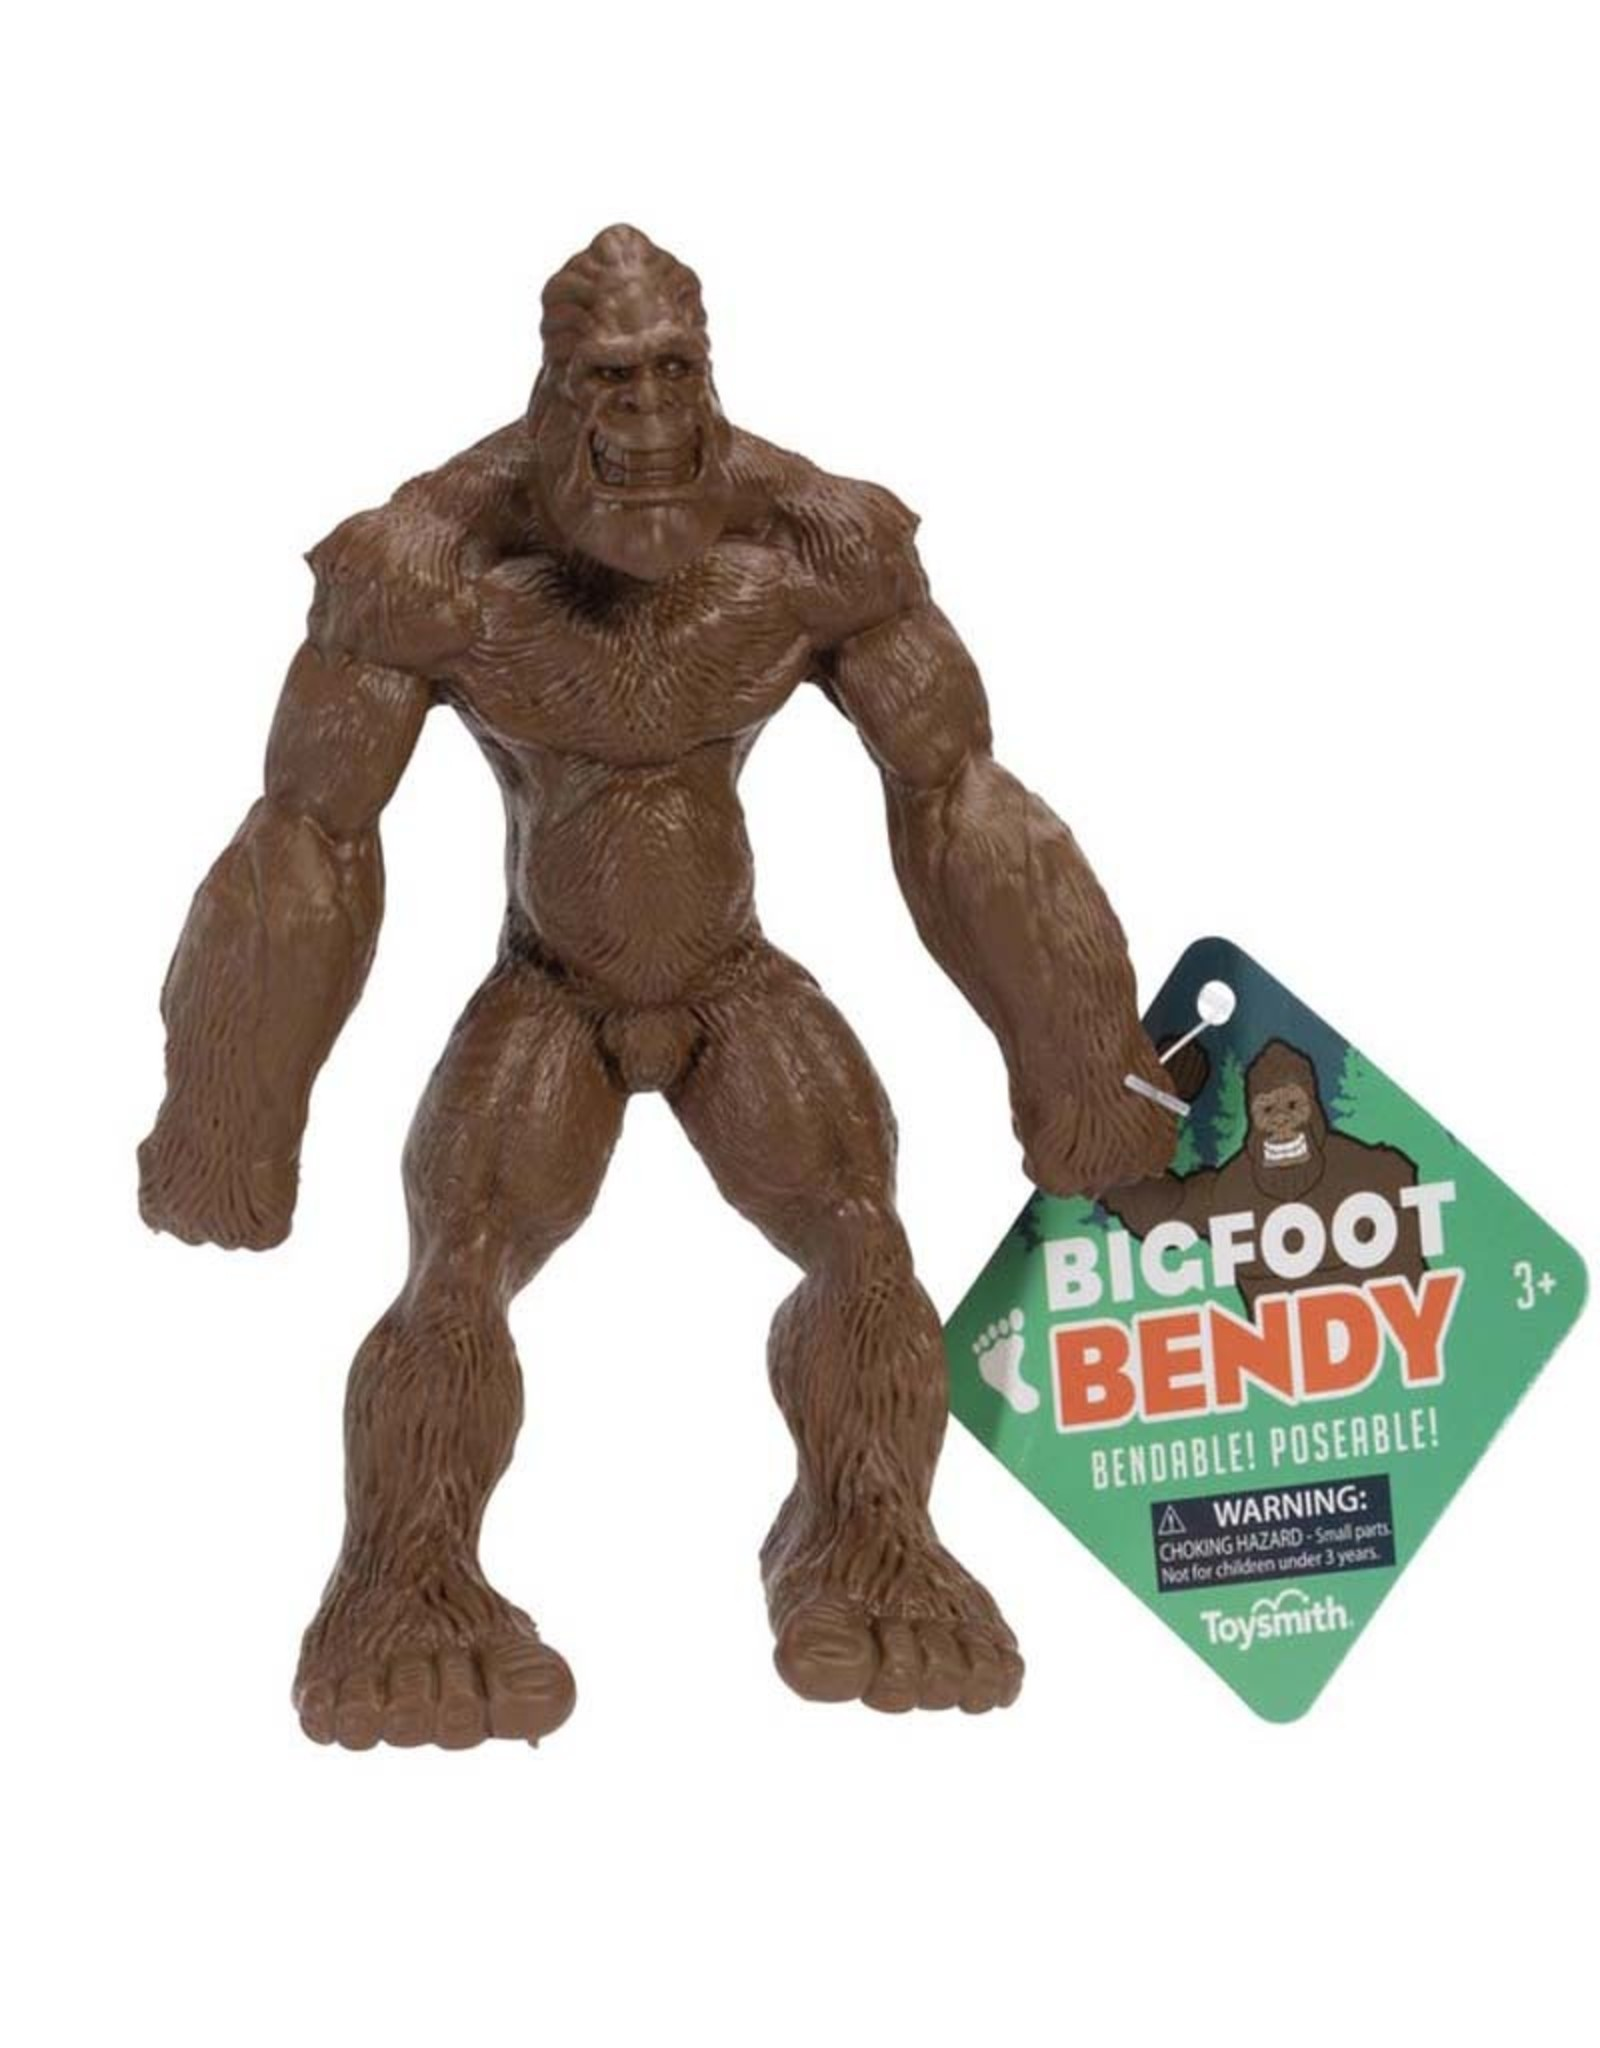 Big Foot Bendy